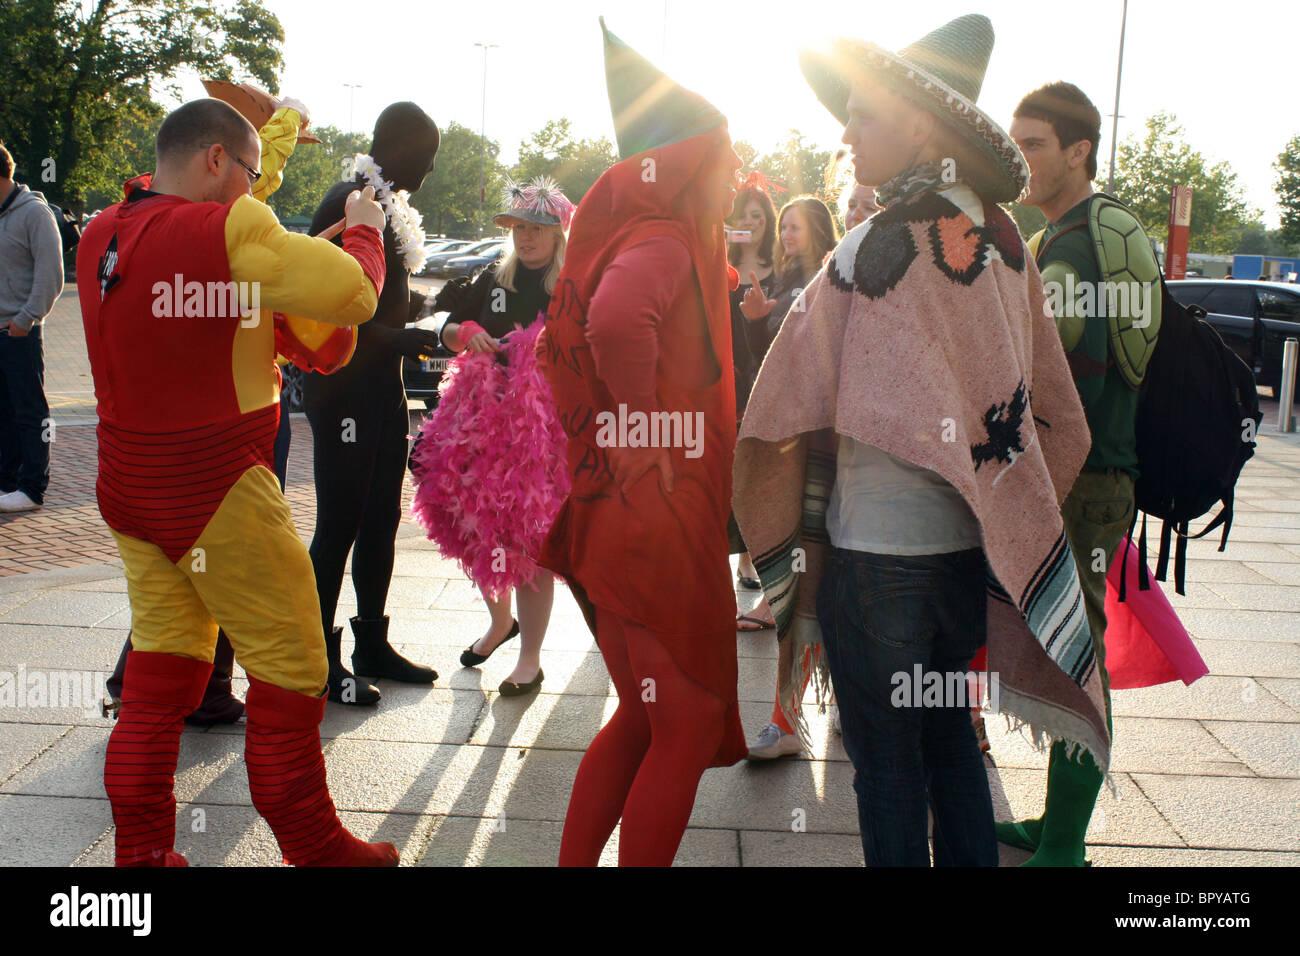 People in fancy dress outside Twickenham rugby stadium London - Stock Image